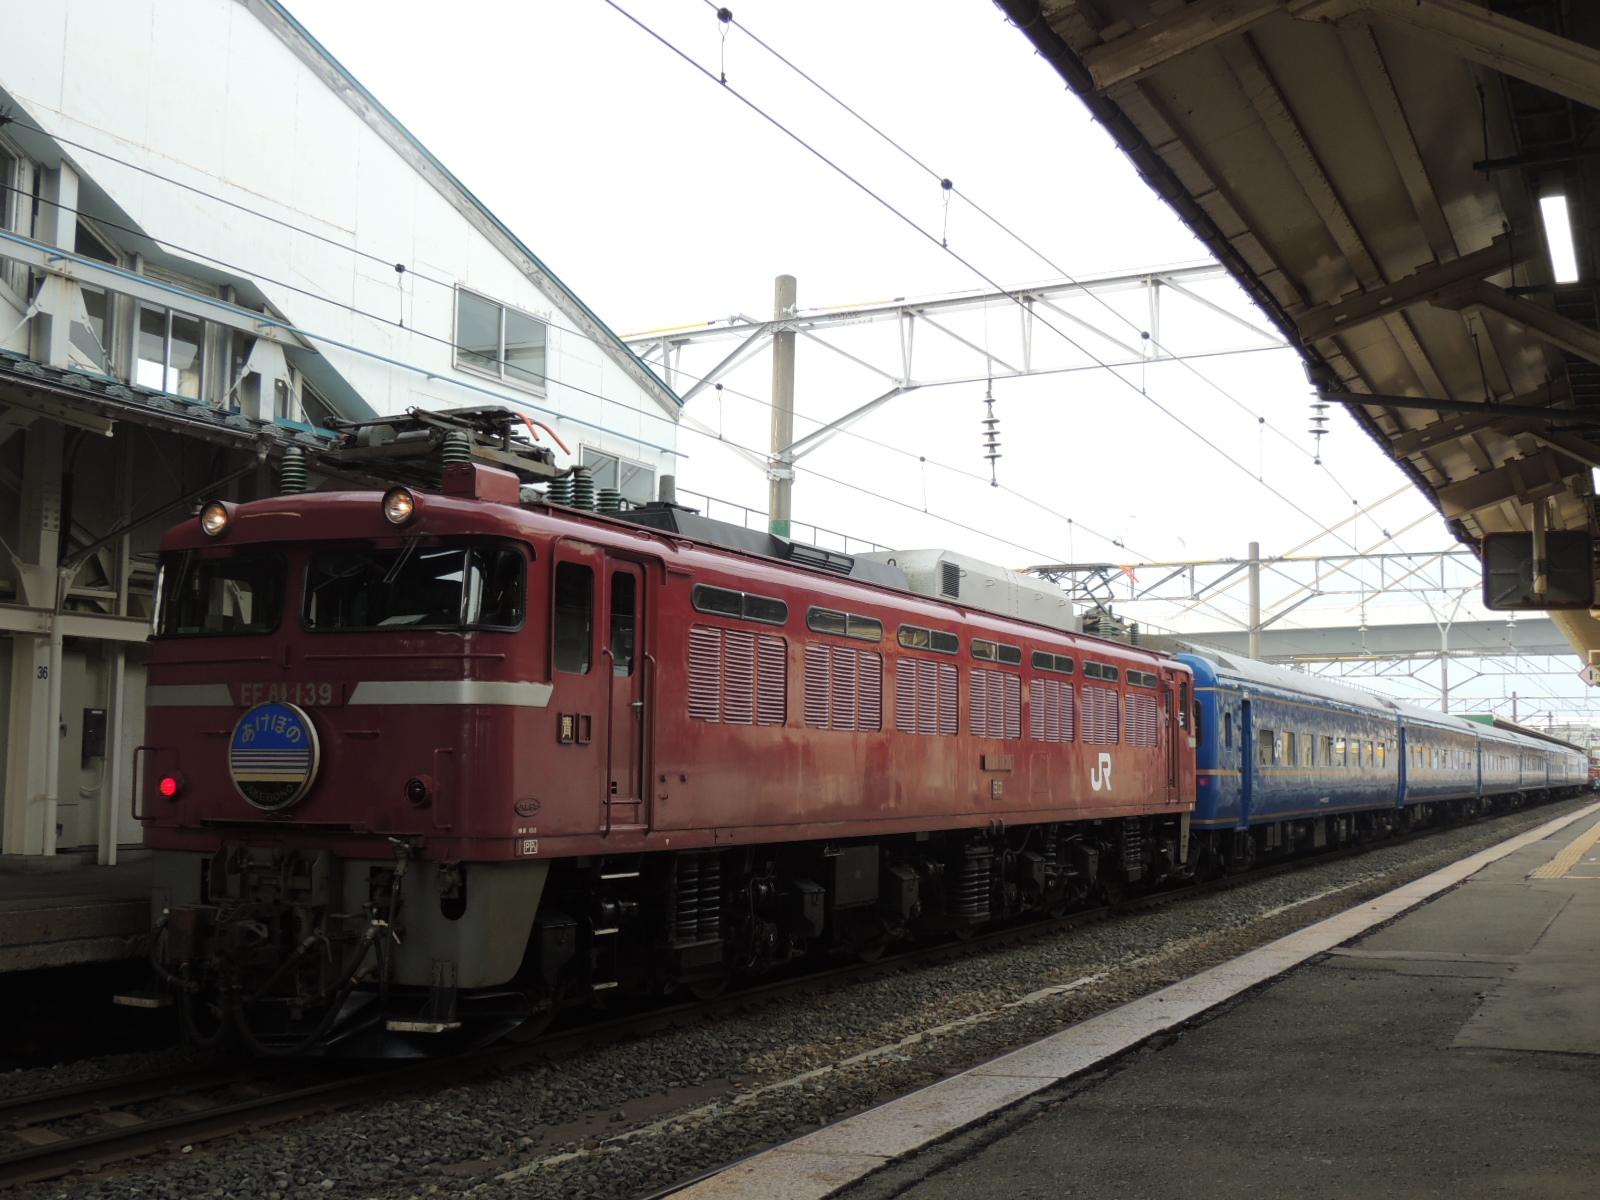 DSCN7991.jpg